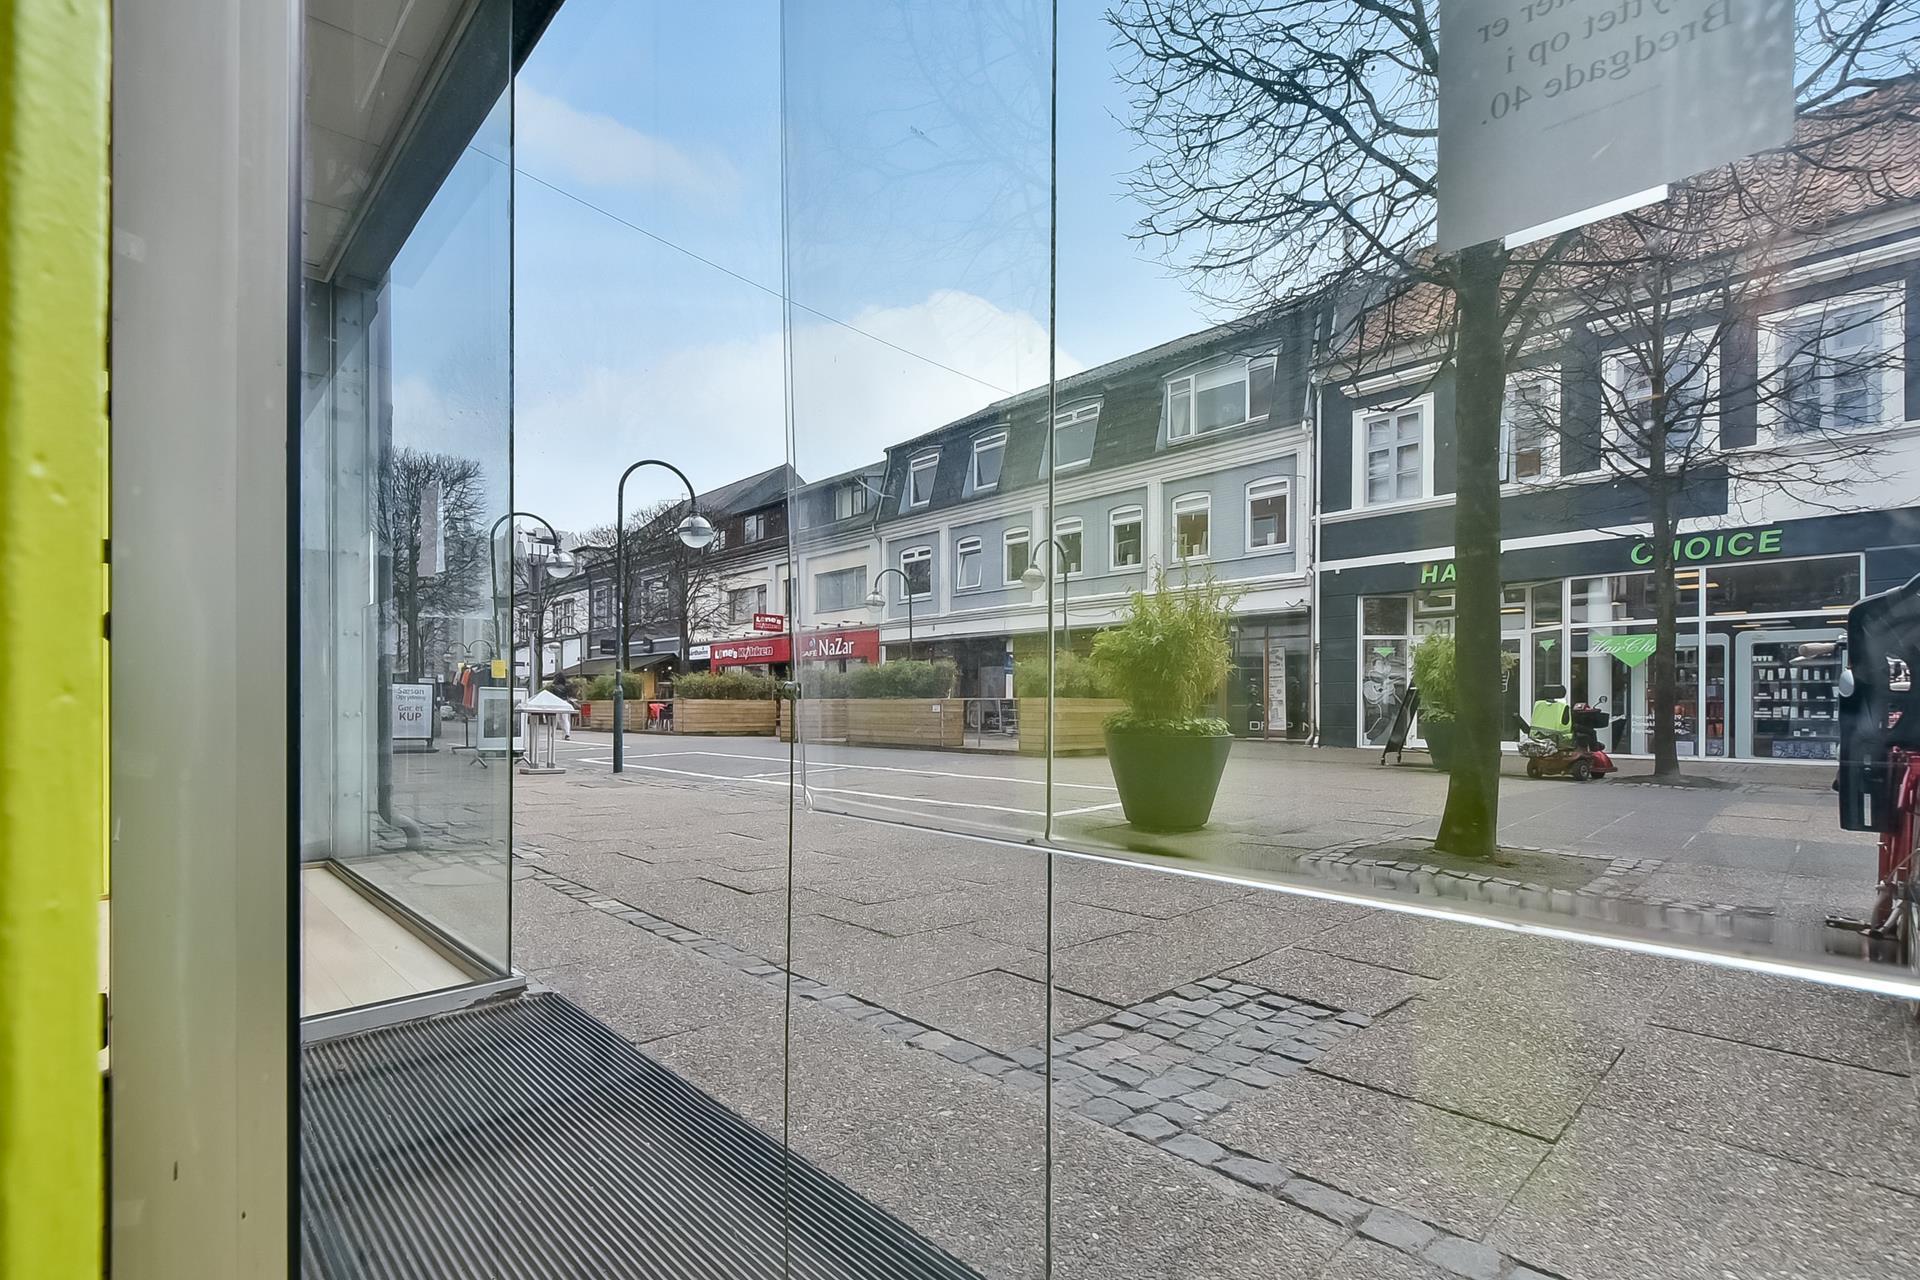 Bolig/erhverv på Bredgade i Herning - Udsigt fra ejendommen